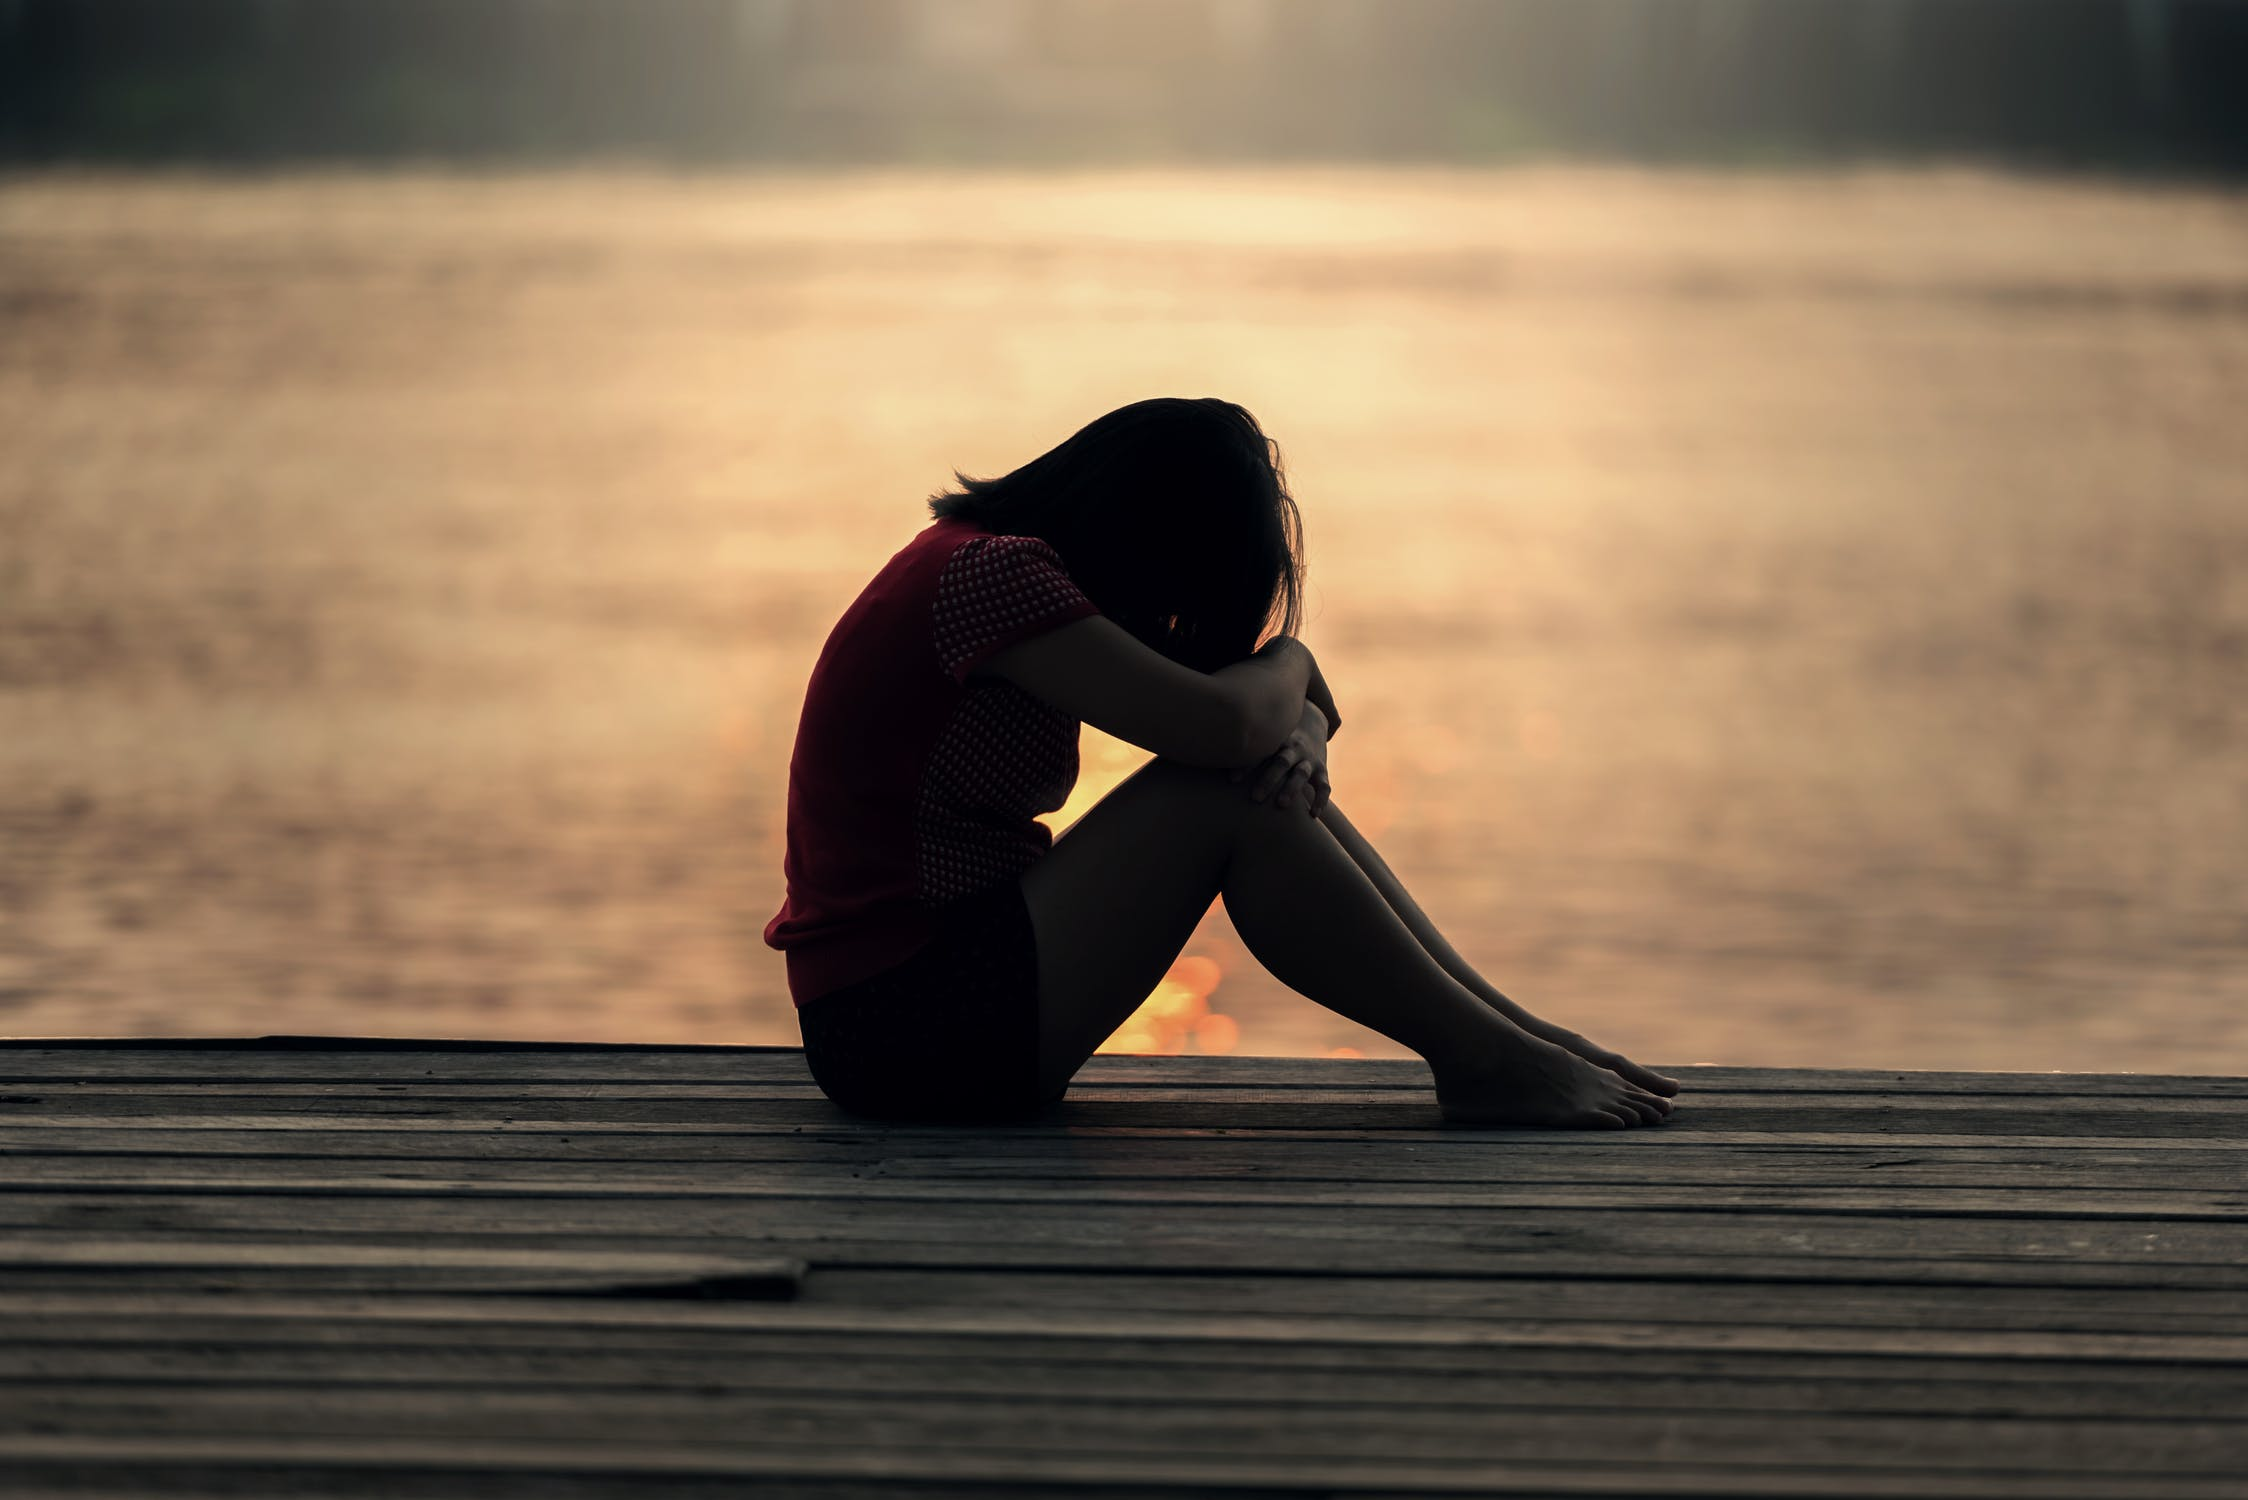 נערה עצובה